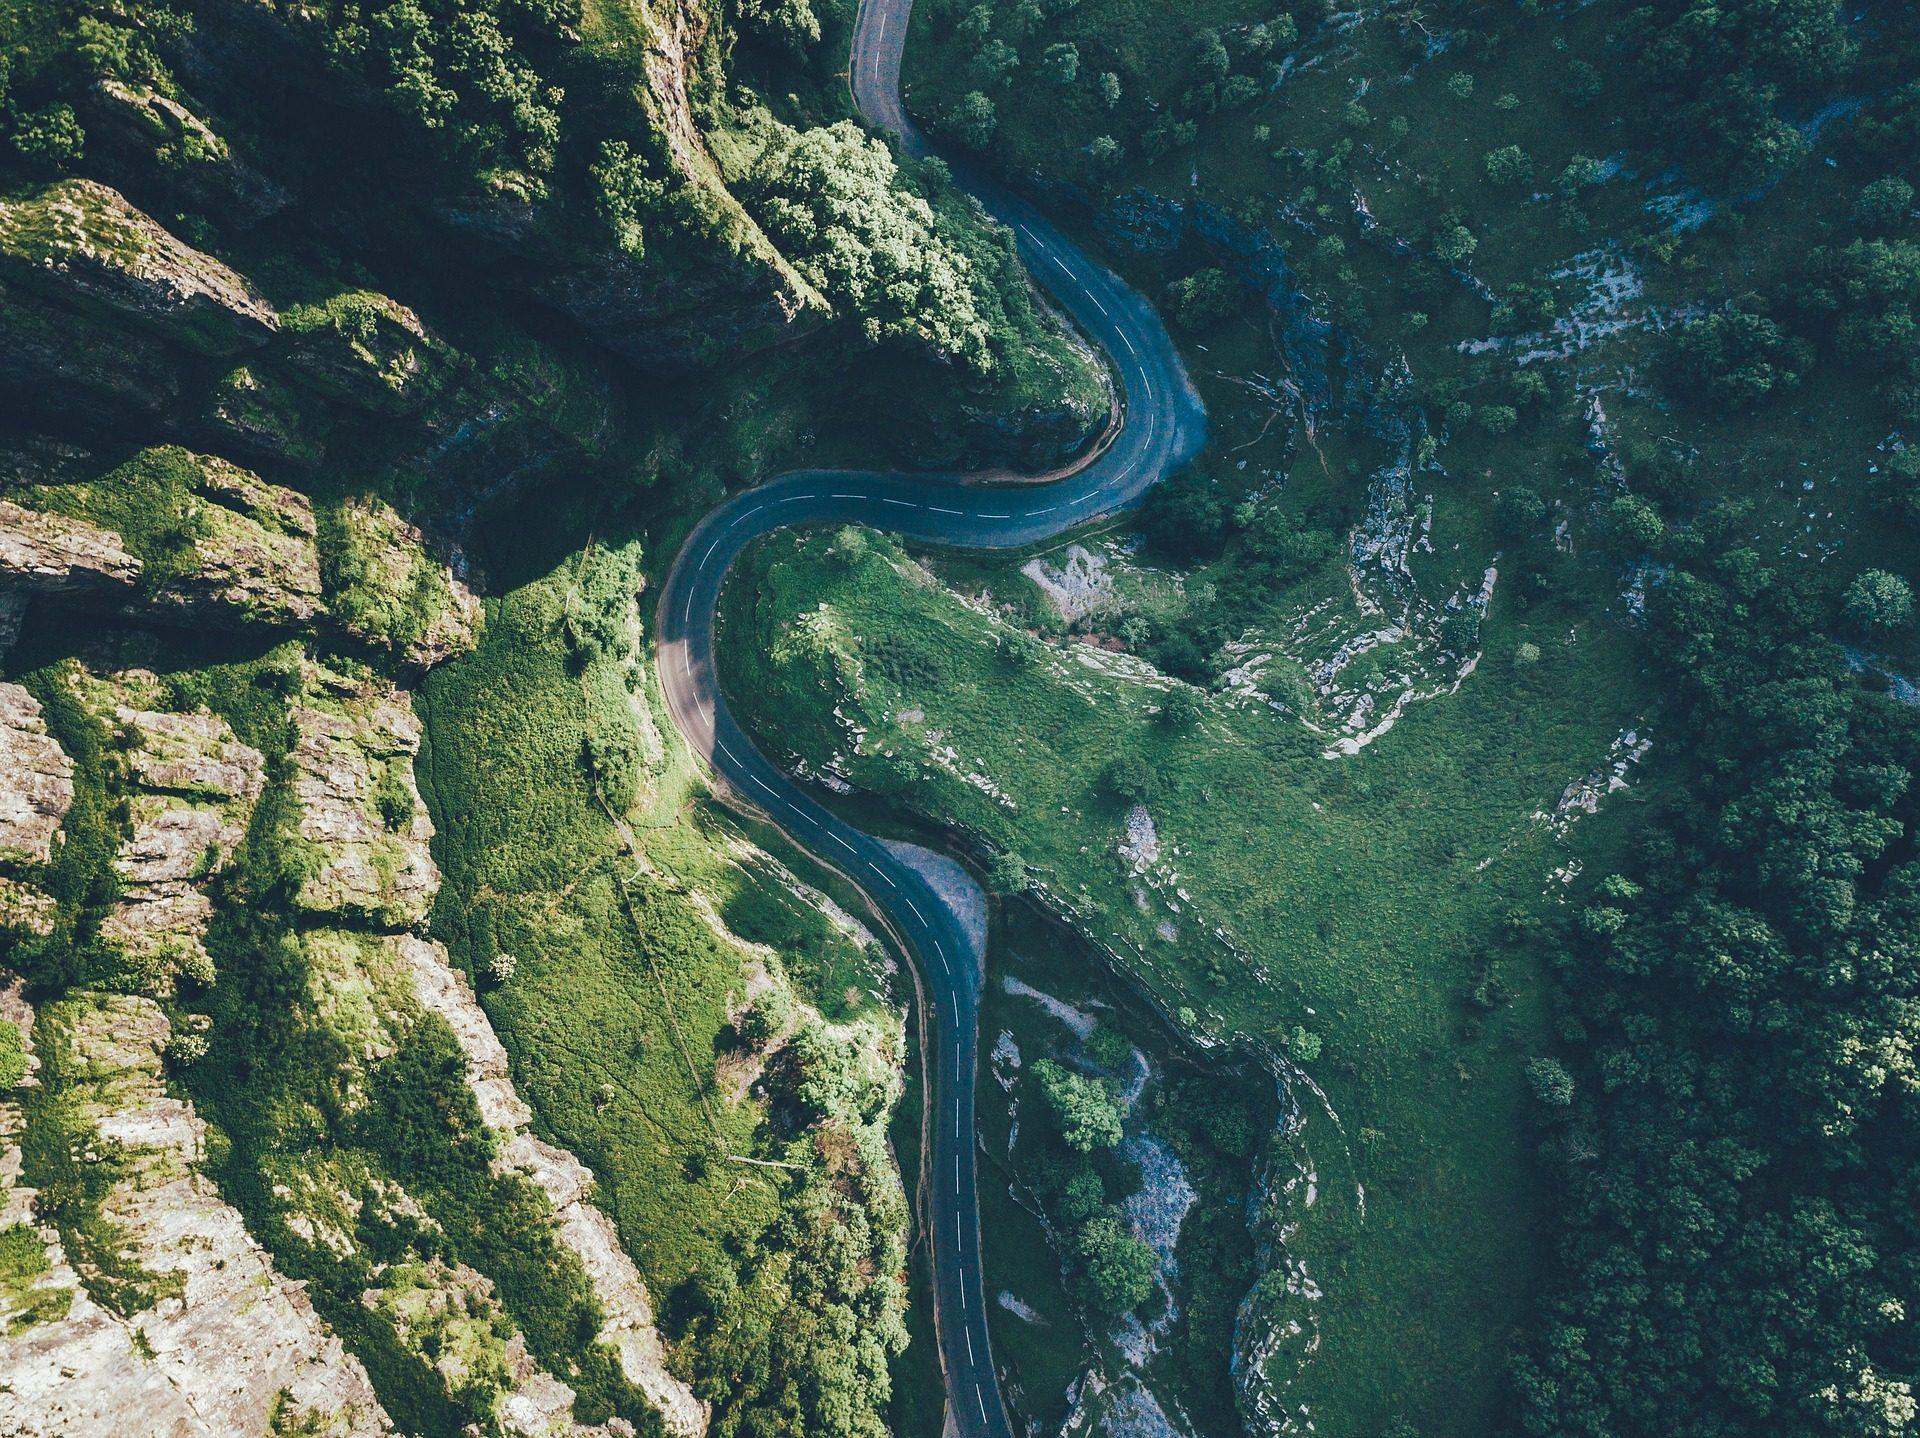 carretera, Δρόμου, καμπύλες, δέντρα, βλάστηση - Wallpapers HD - Professor-falken.com